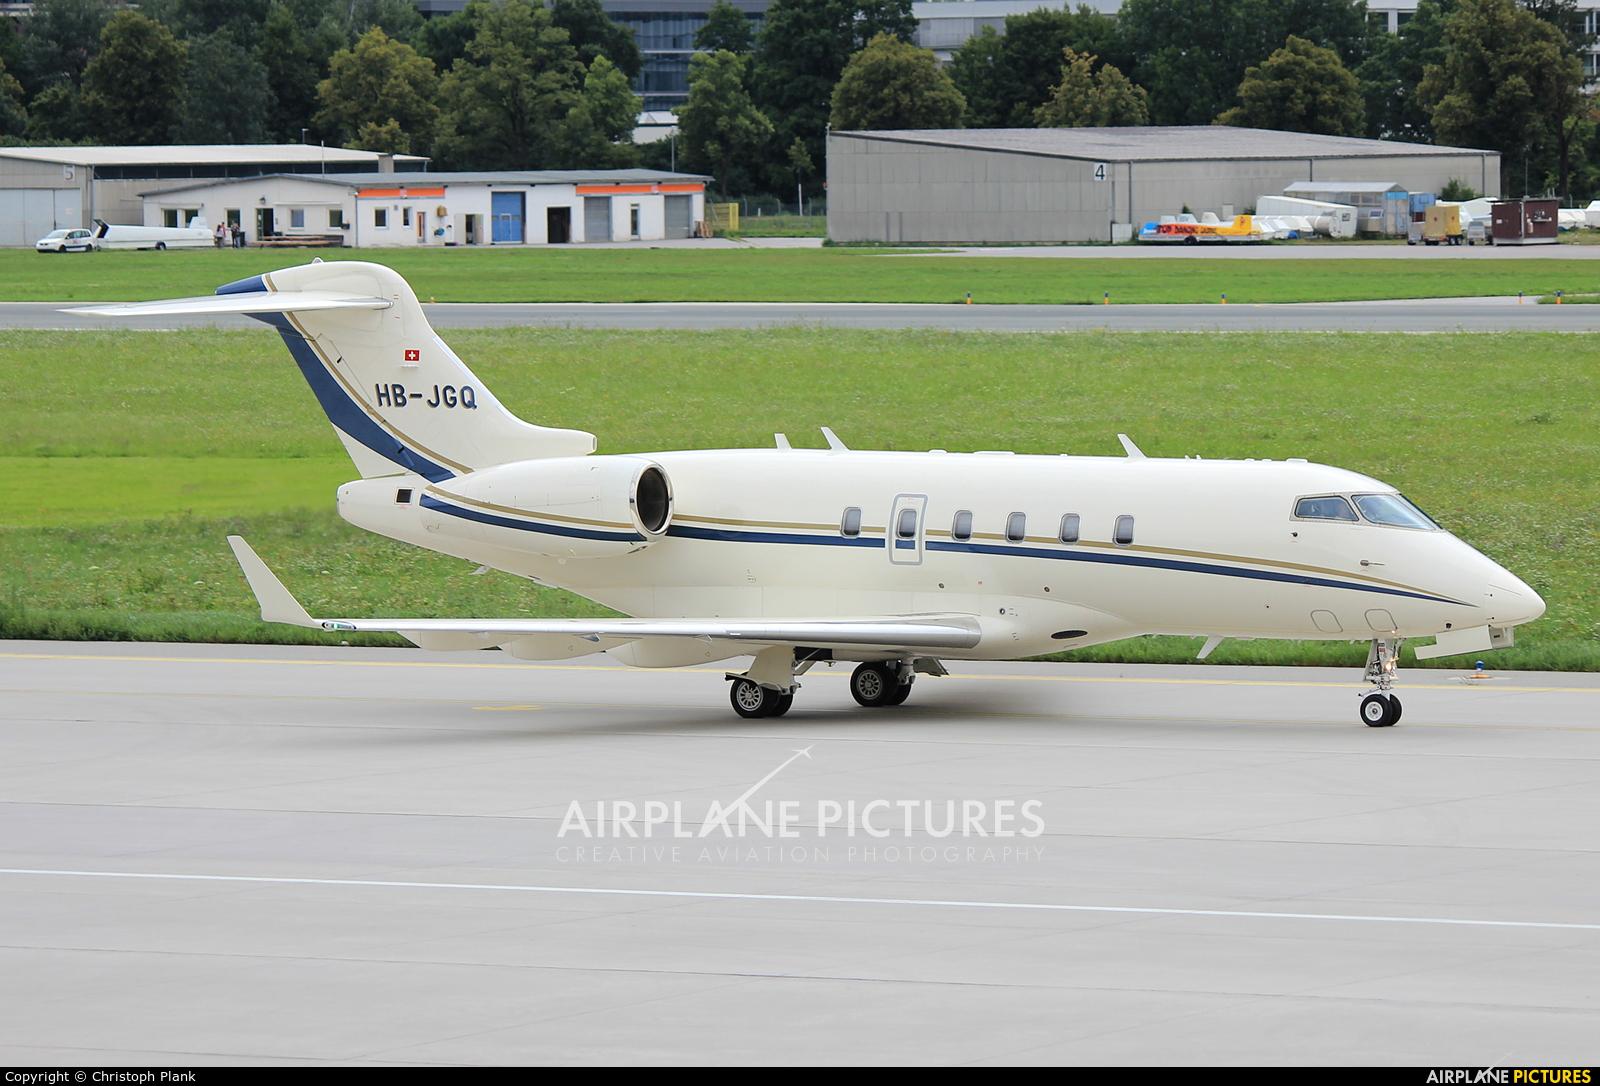 Execujet Europa AS HB-JGQ aircraft at Innsbruck